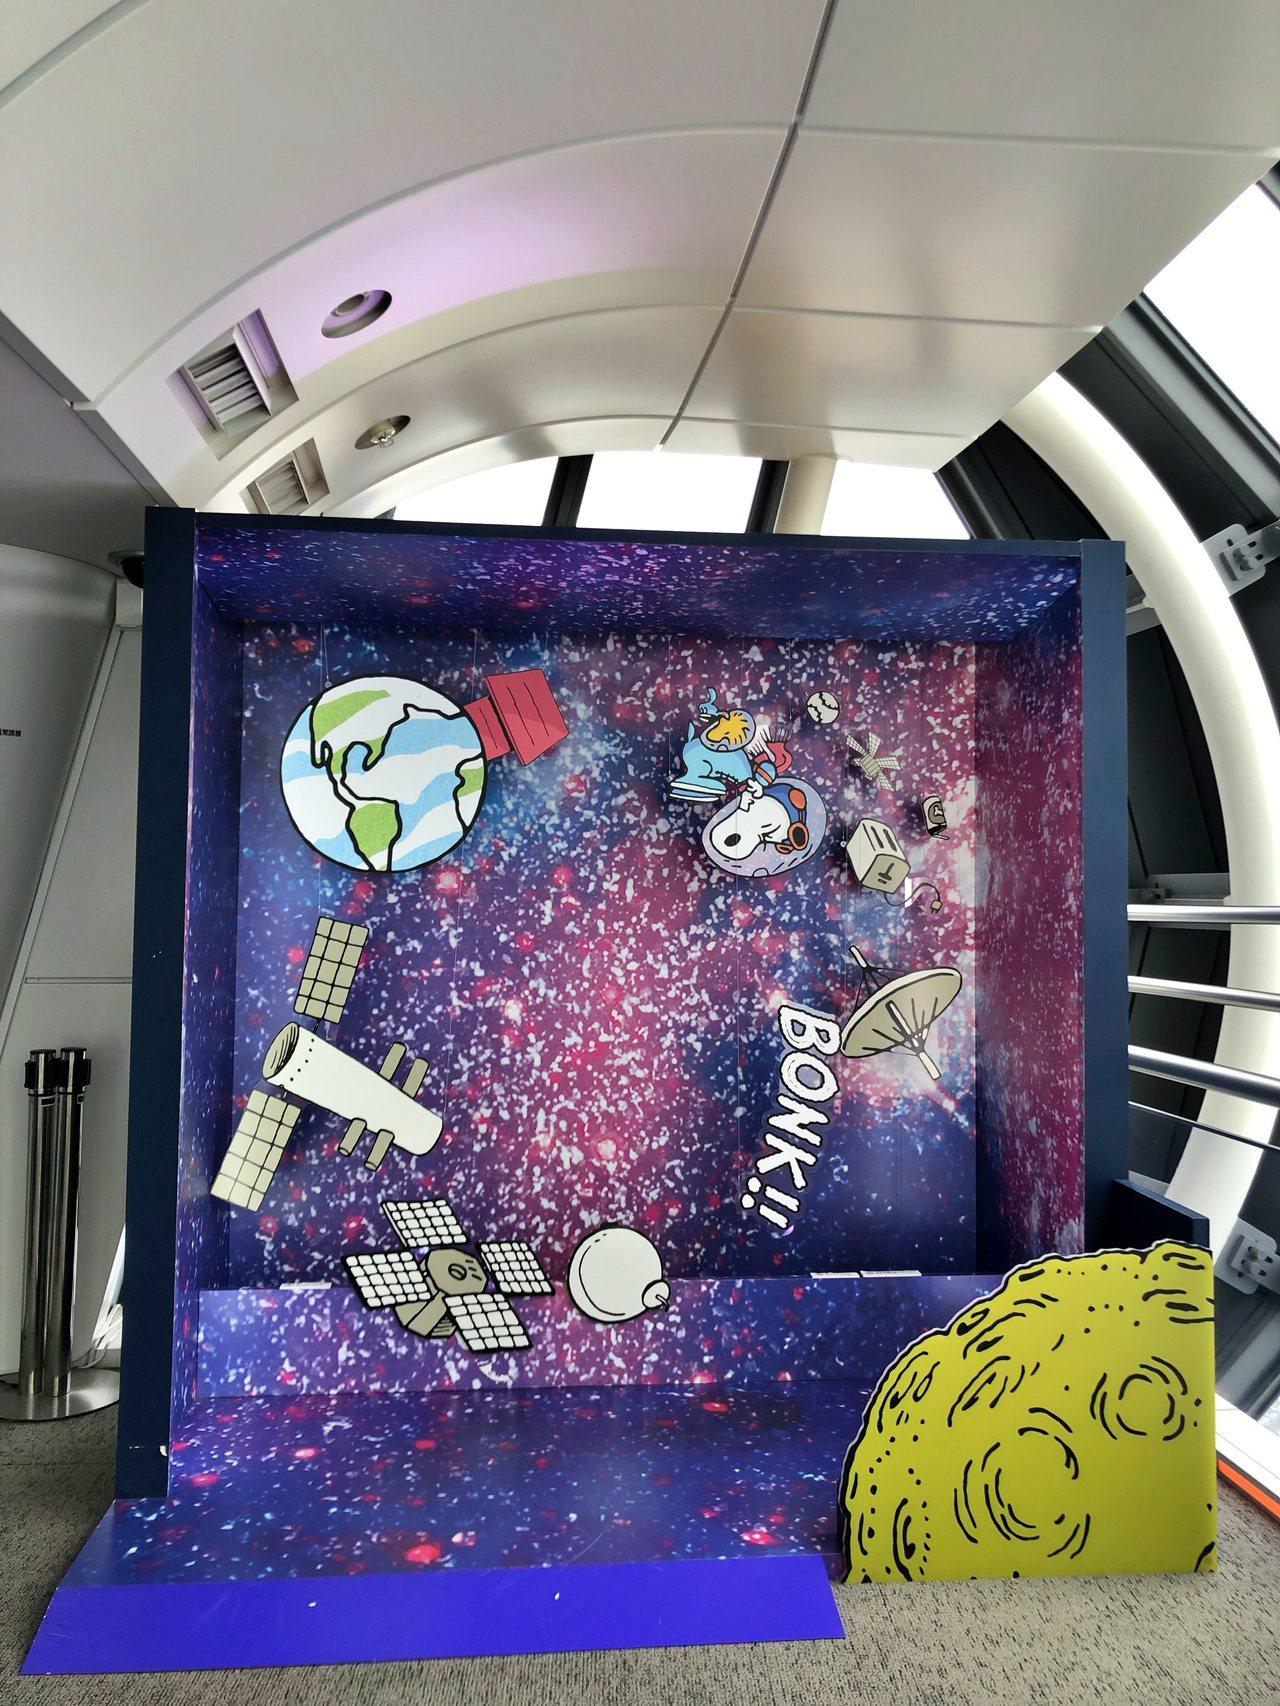 太空人史努比展覽有7個主題提供遊客拍照。記者魏妤庭/攝影